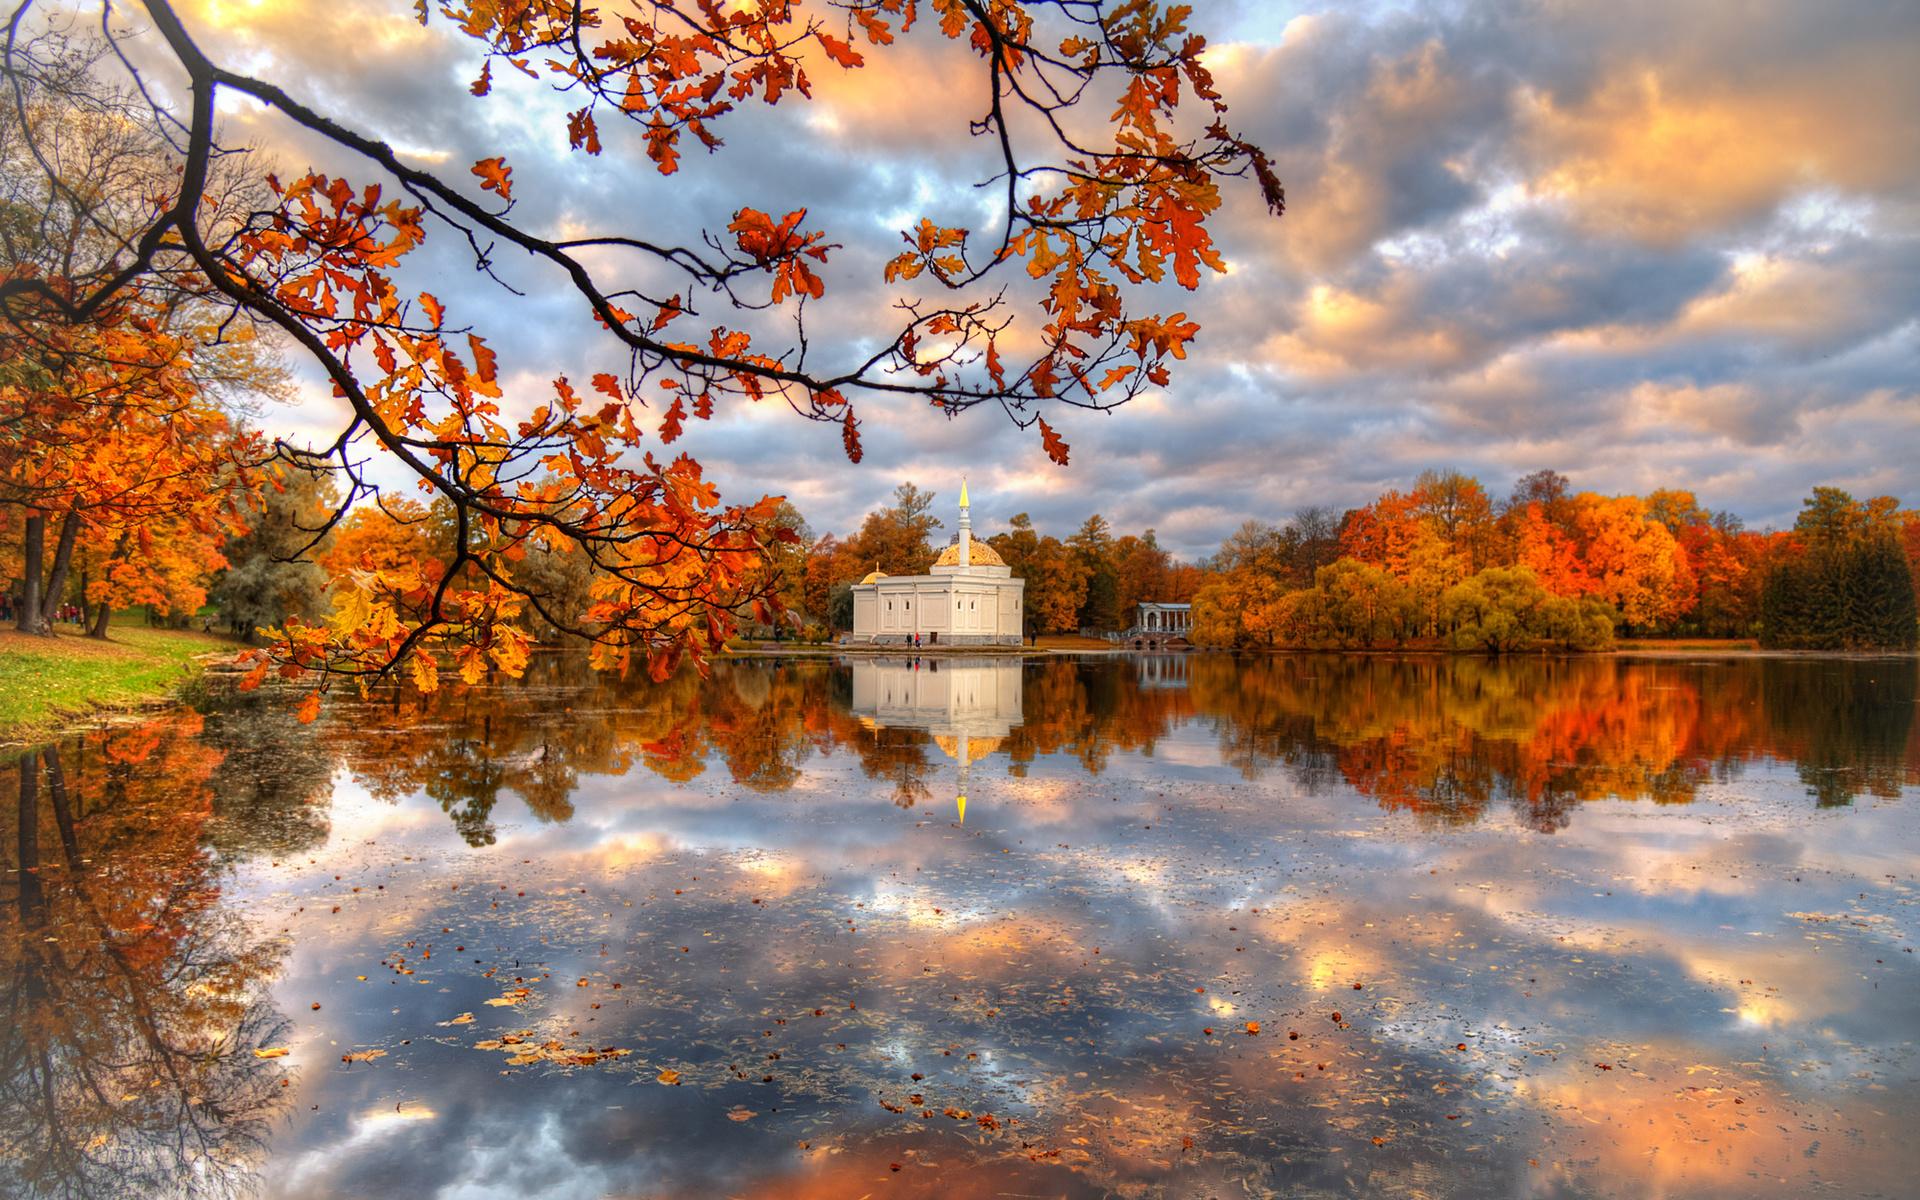 резервуар эдуард гордеев фото осень в царском селе изготовления